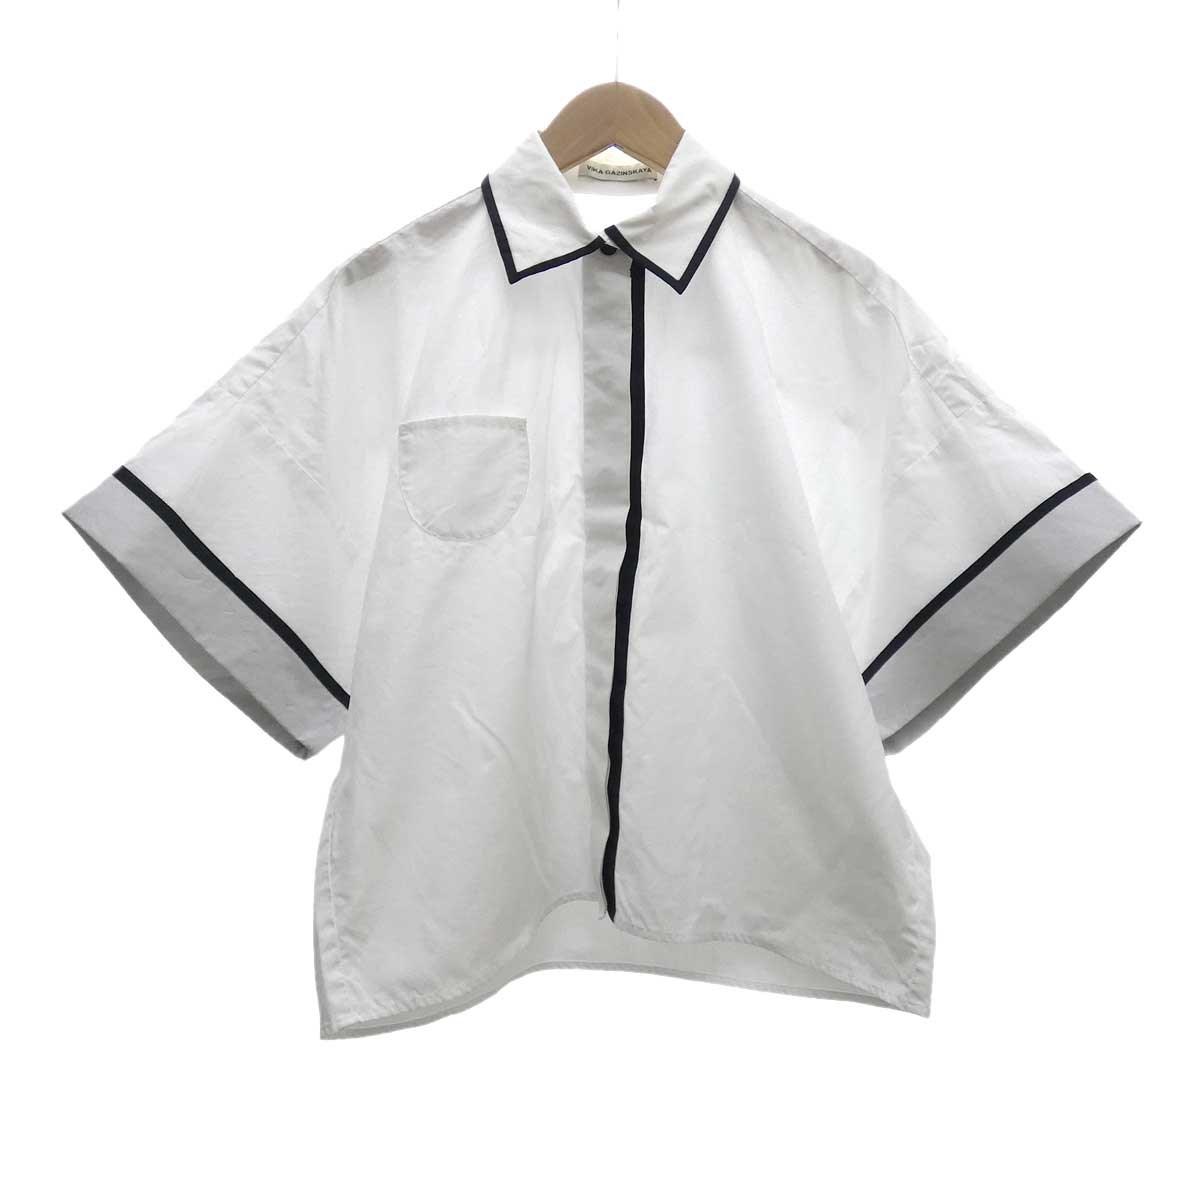 【中古】VIKA GAZINSKAYA ワイドシャツ ホワイト×ブラック サイズ:36 【050420】(ヴィカ ガジンスカヤ)